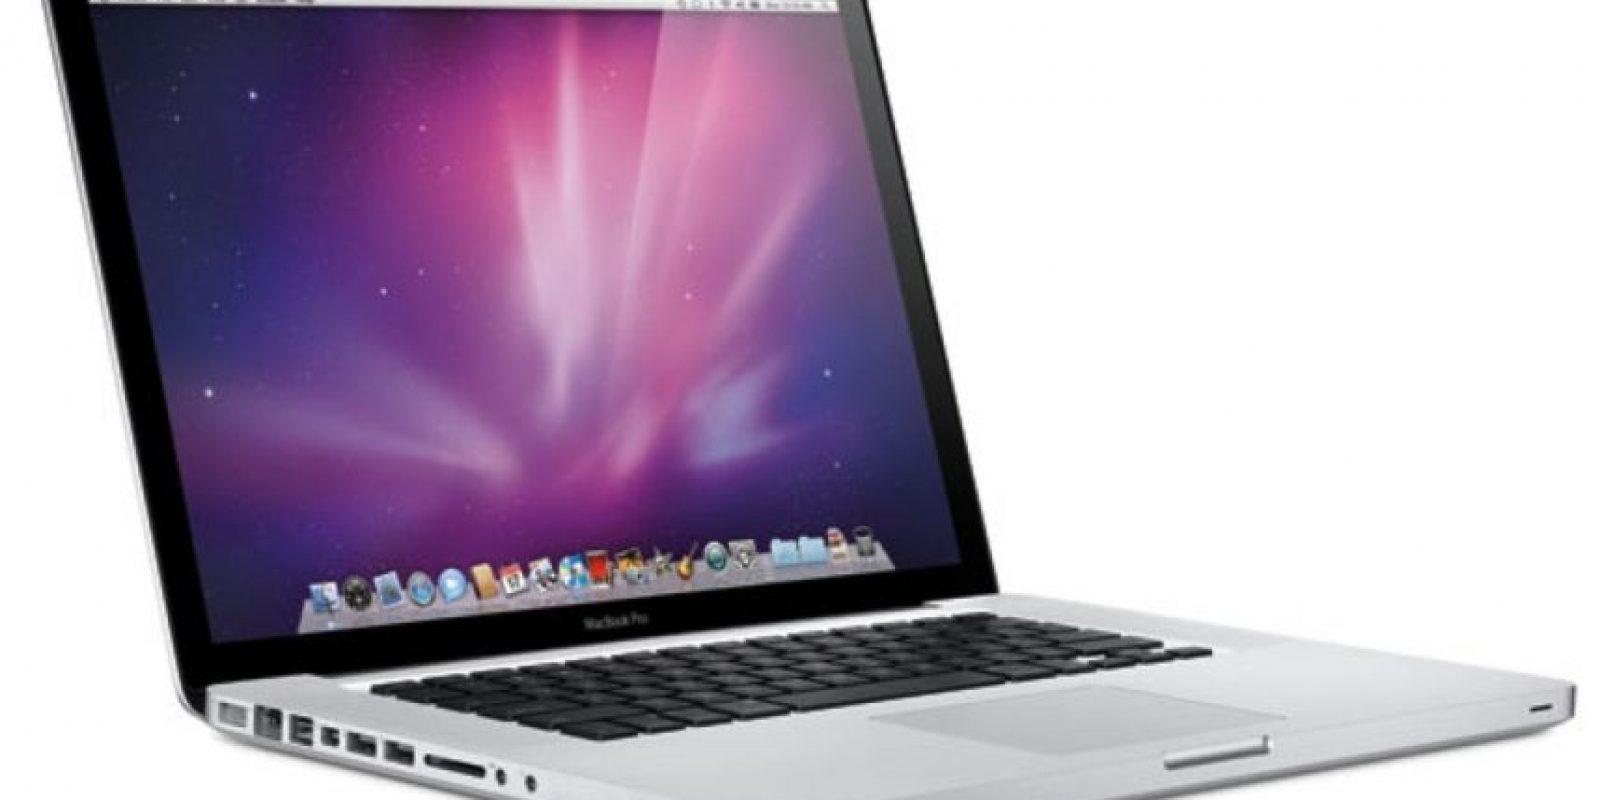 Paul Barrington compró en eBay un Mac para reiniciar su negocio, pero en vez de eso, le enviaron la foto del aparato. Foto:Mac